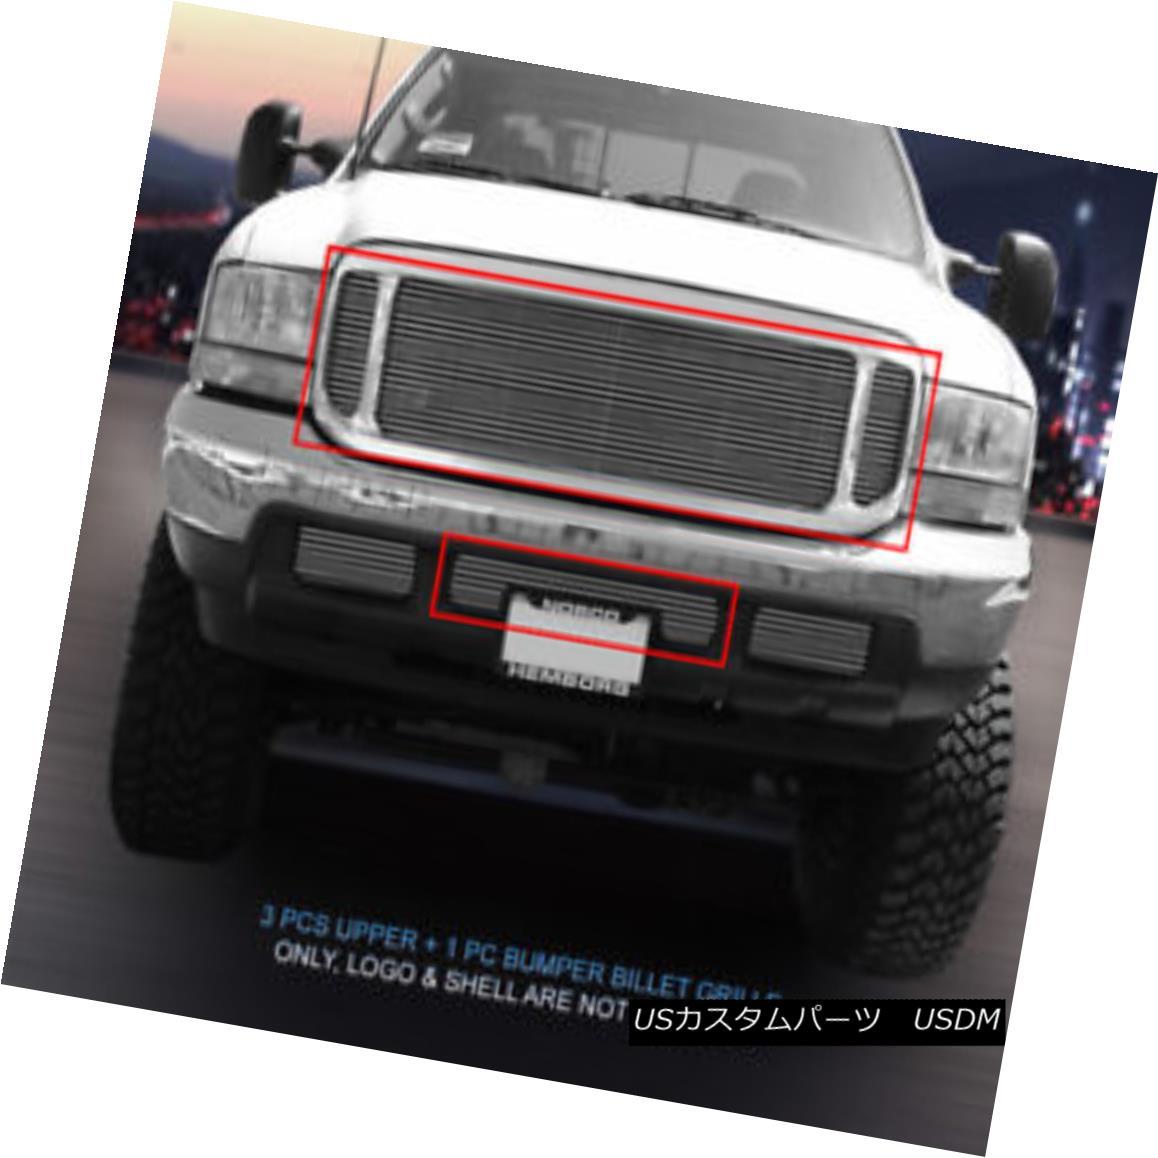 グリル Fits 1999-2004 Ford F-250/F-350/F-450/ F-550/Excursion Polished Billet Grille 1999-2004フォードF-250 / F-350 / F-450 / F-550 /エクスカーション nポリッシュビレットグリル